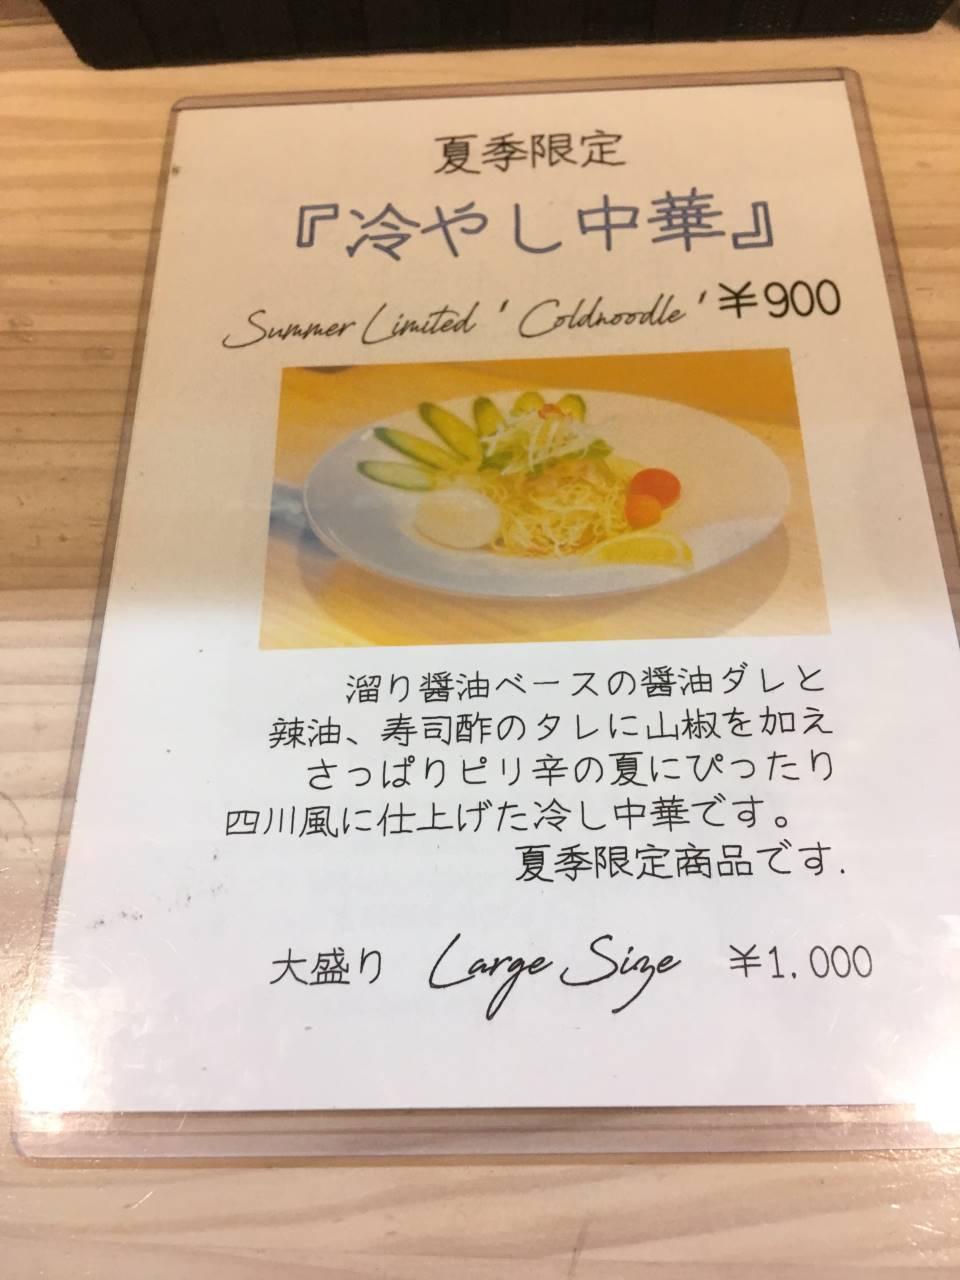 季節限定「冷やし中華」:渋谷駅近くのラーメン屋、吉法師のメニュー2